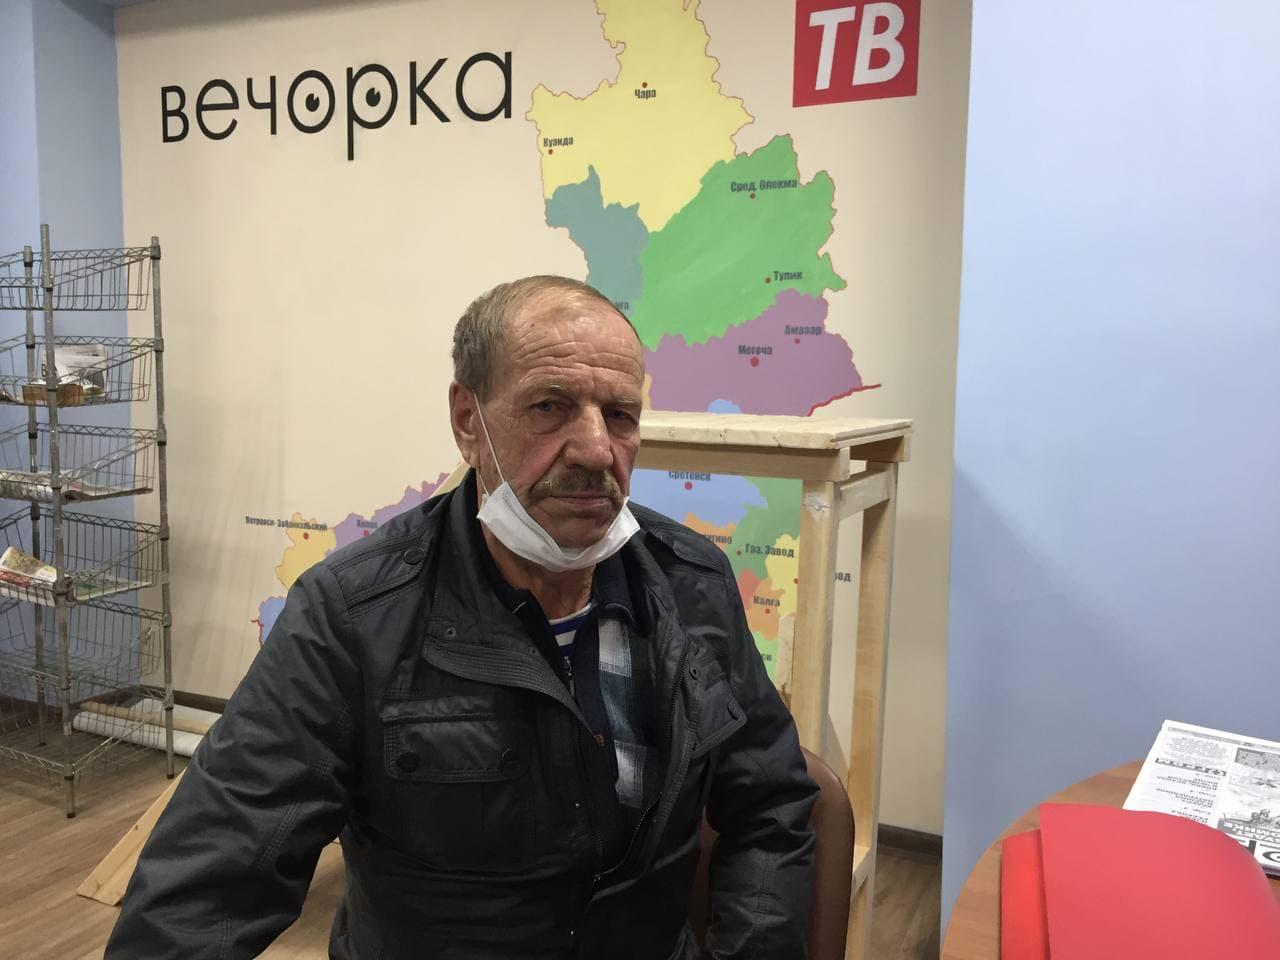 «Вечорка ЦУР»: Мне угрожает Сбербанк, — пенсионер из Засопки